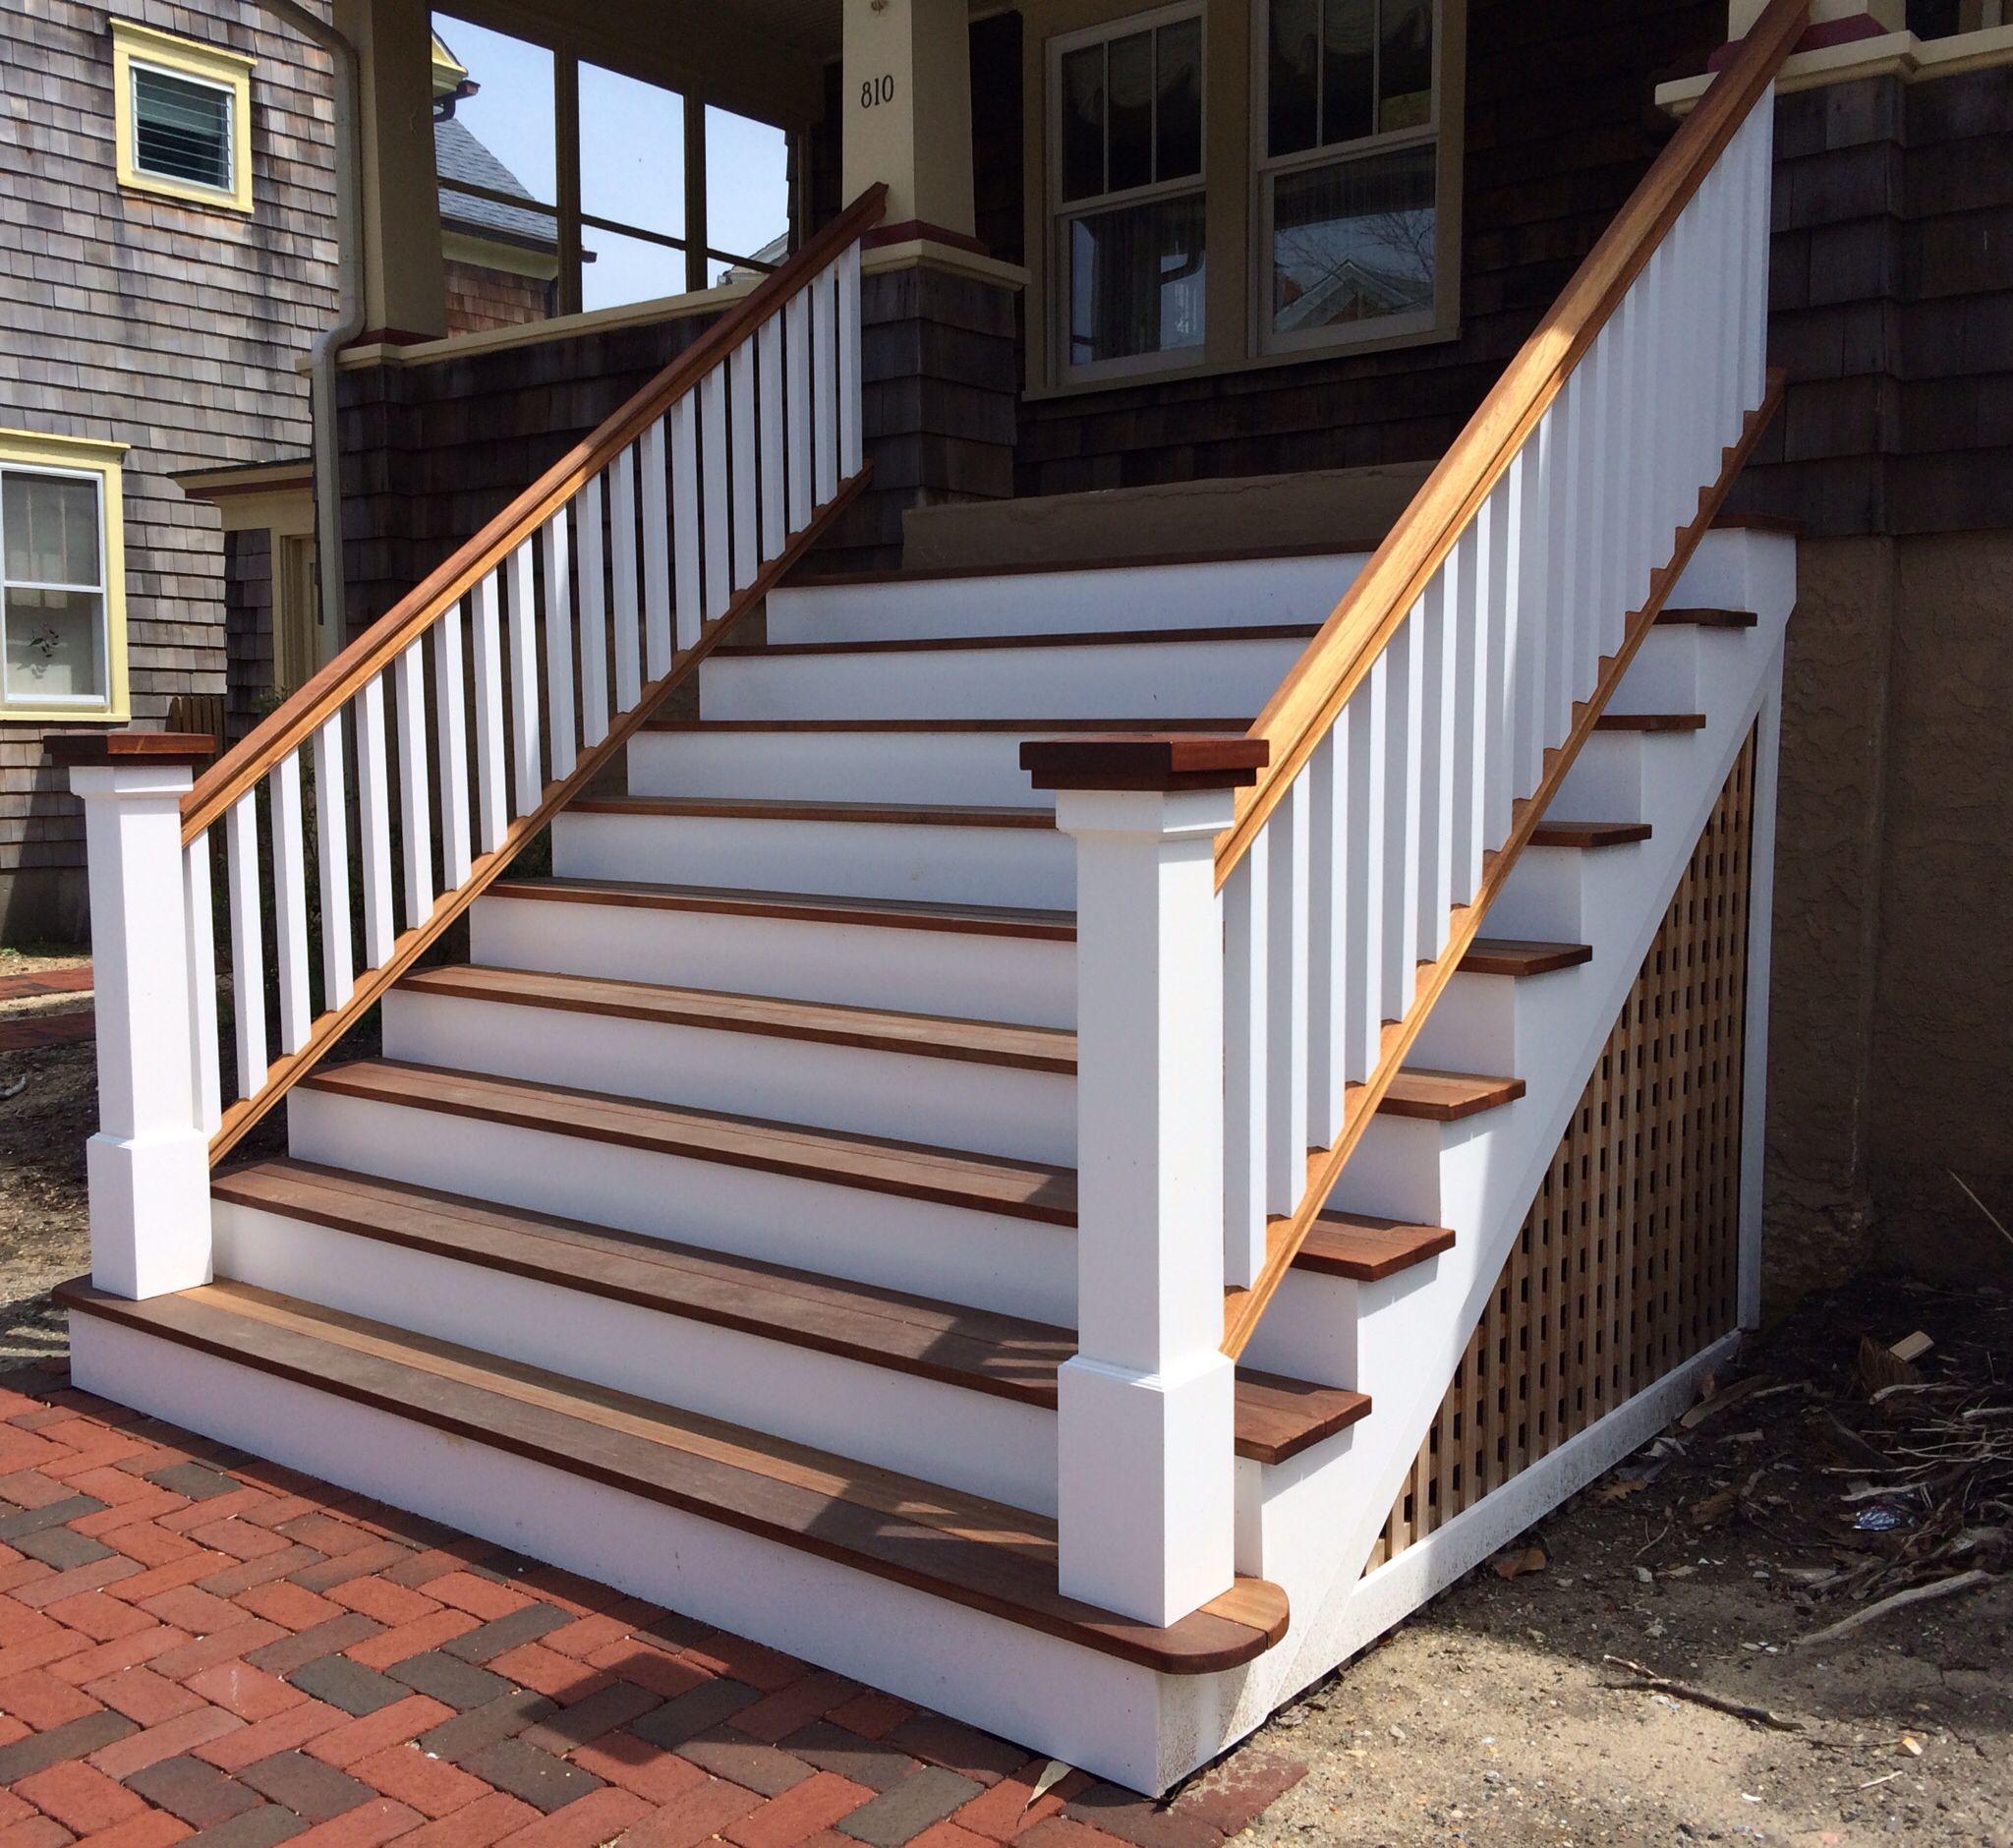 как сделать входную лестницу крыльцо в дом